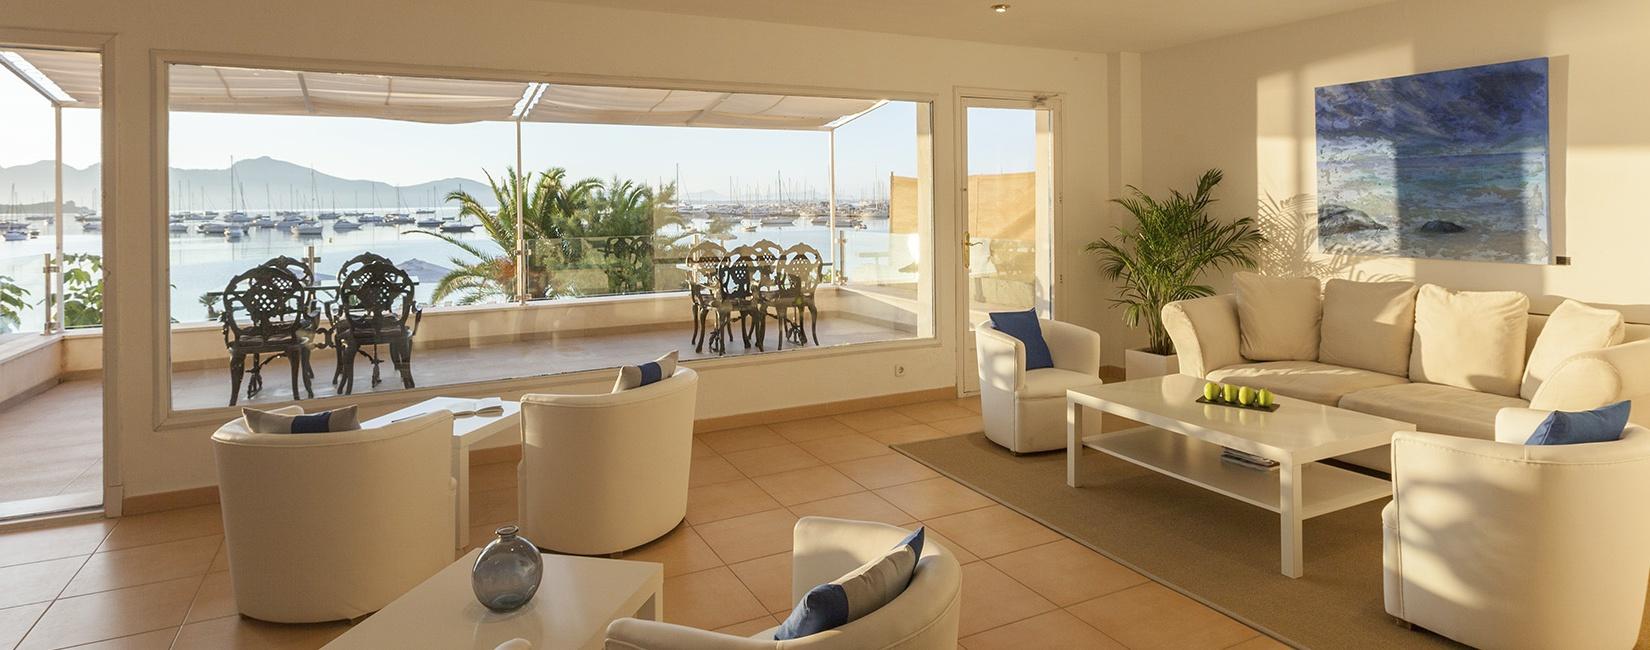 TERRAZA Capri Hotel